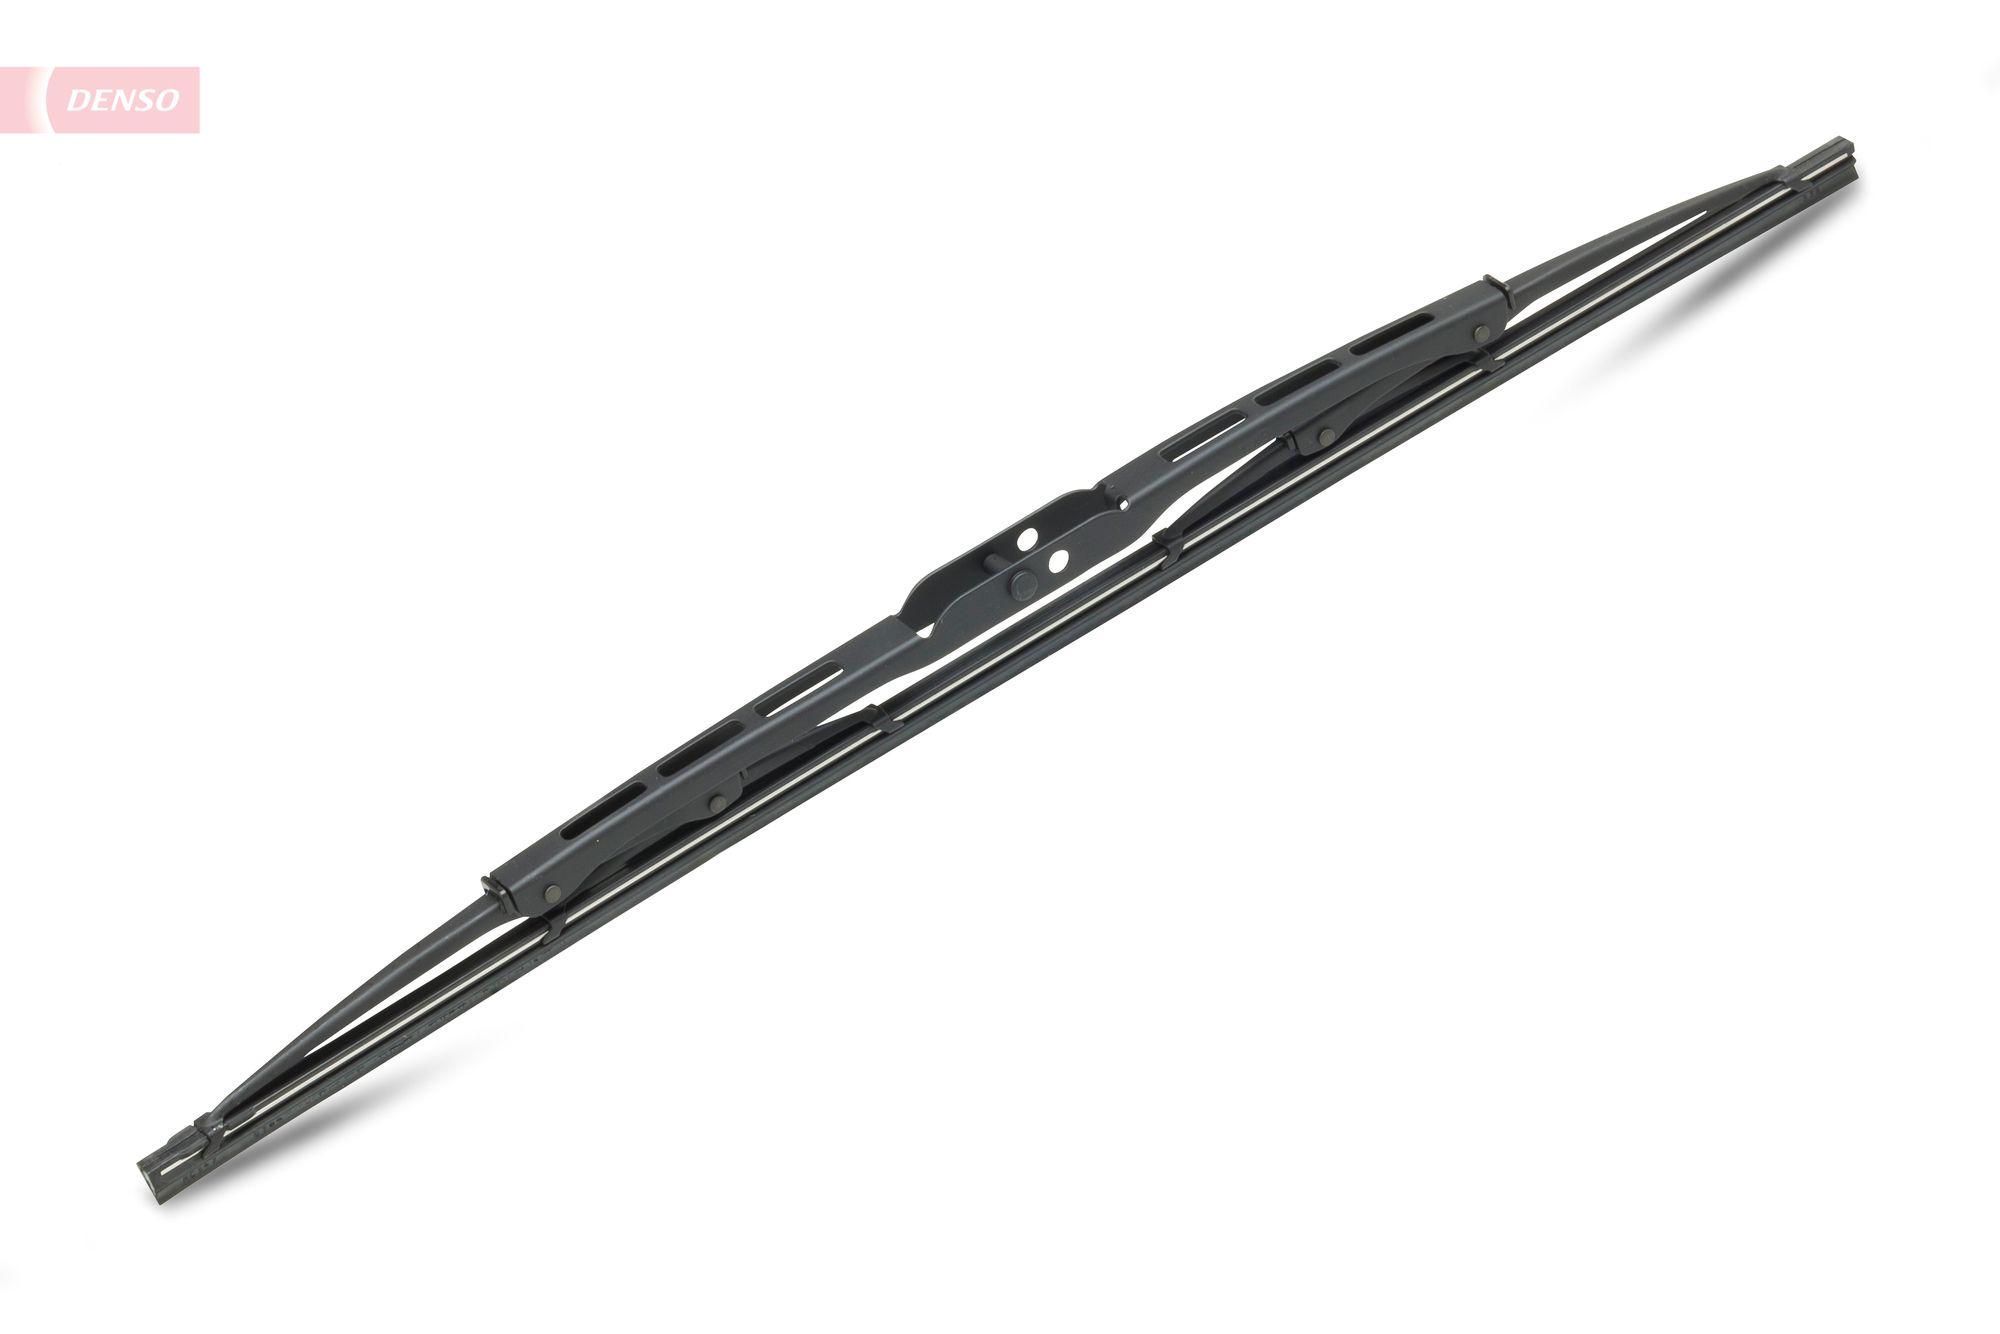 DENSO Standard DM-045 Wischblatt